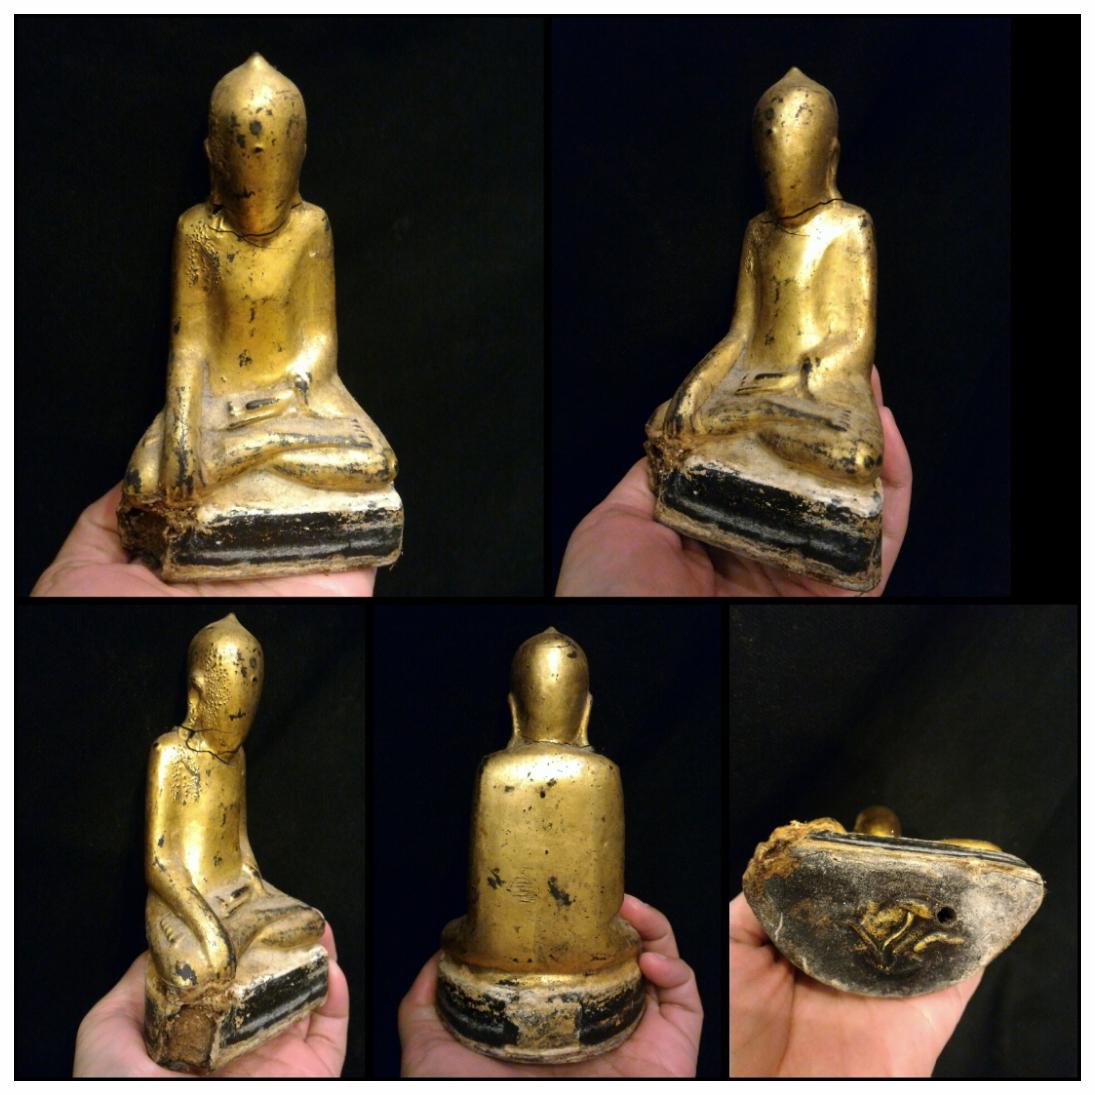 พระบัวเข็มเก่า ศิลปะพม่า